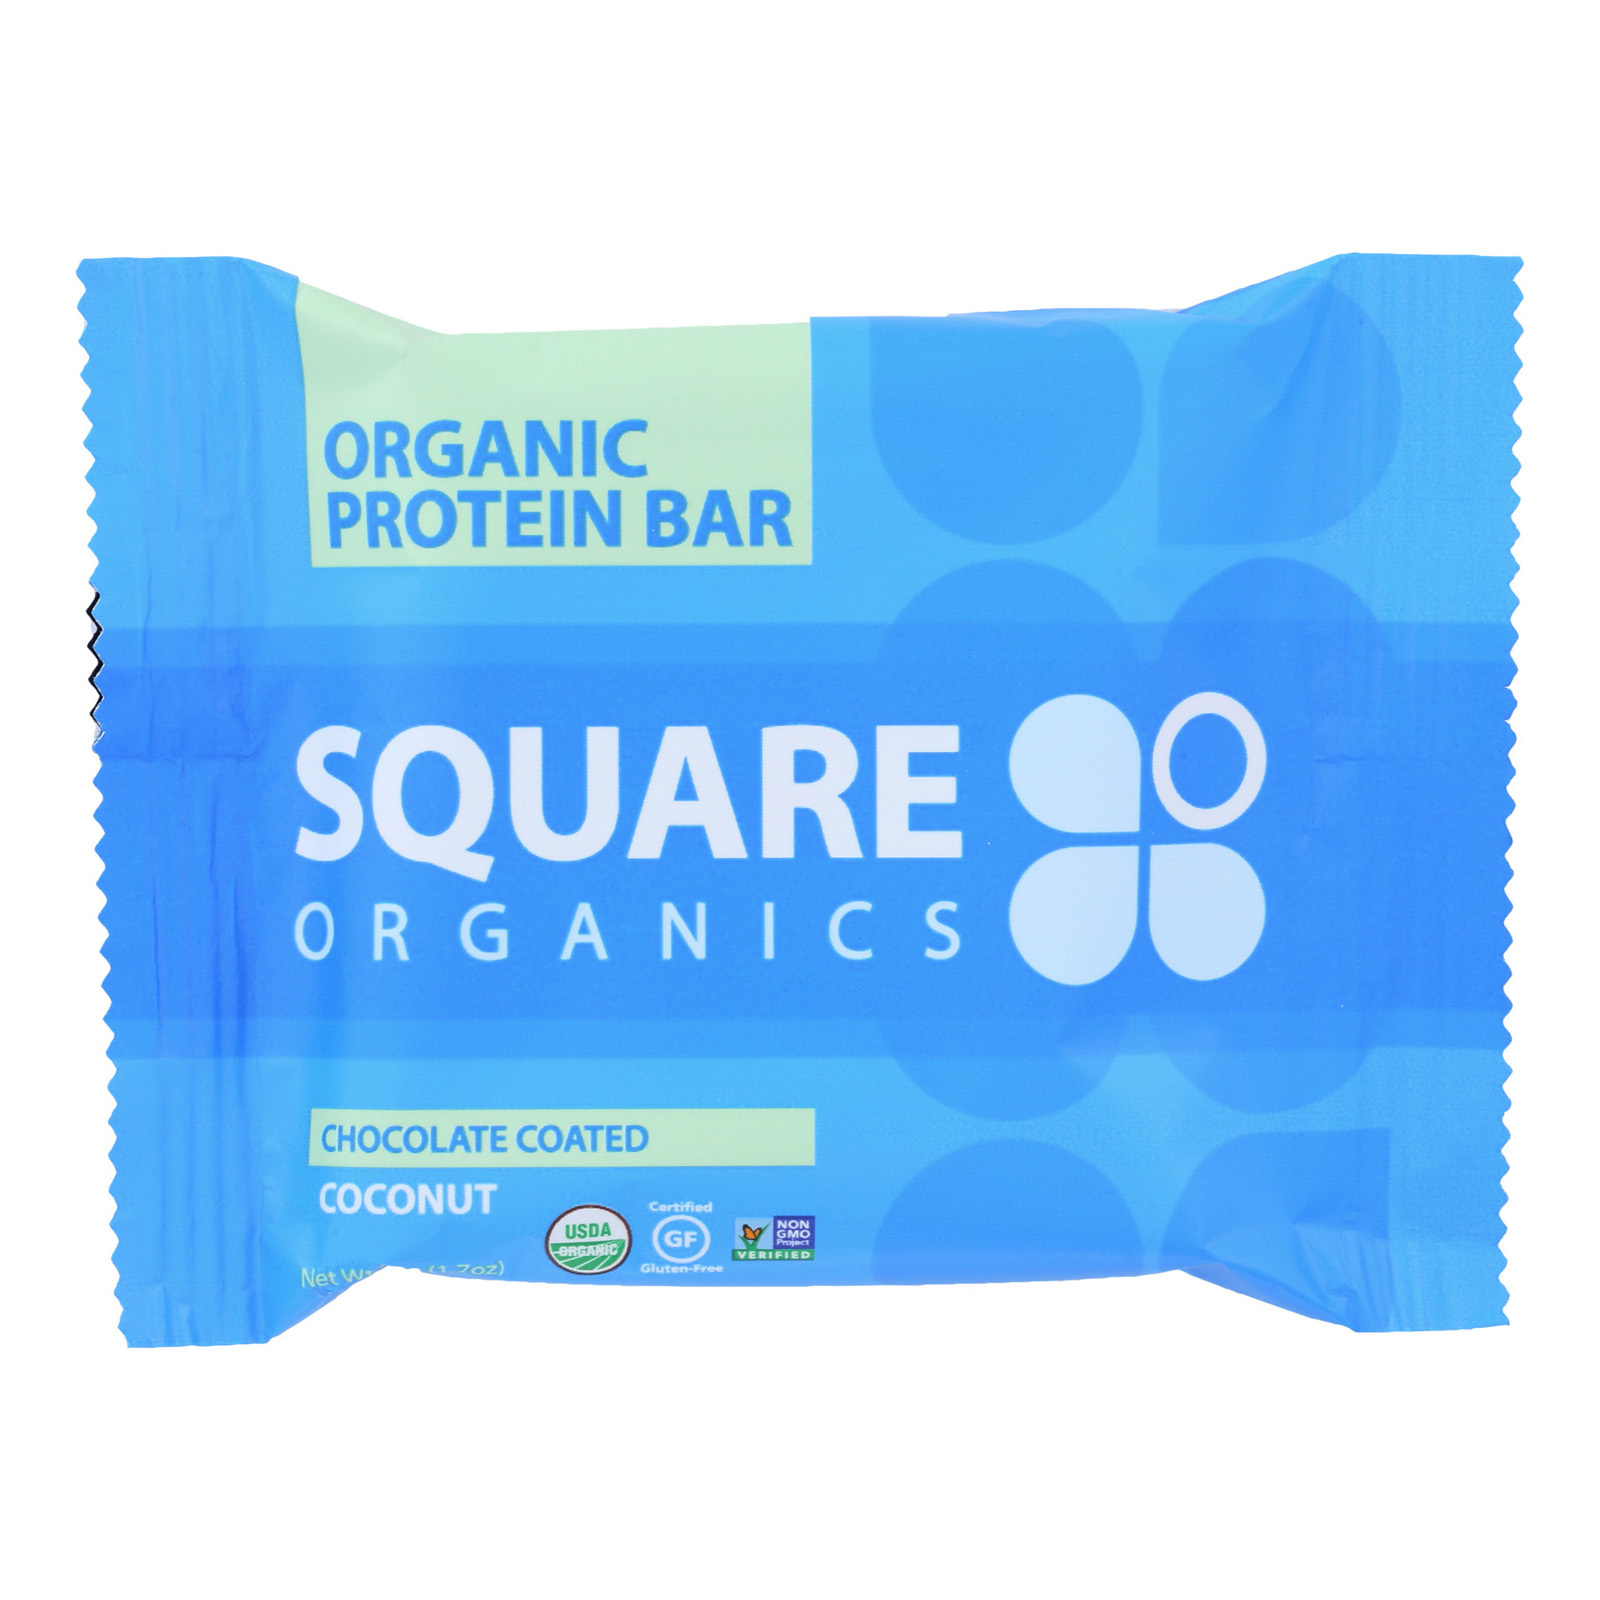 Squarebar Organic Protein Bar - Cocoa Coconut - 1.7 oz - Case of 12